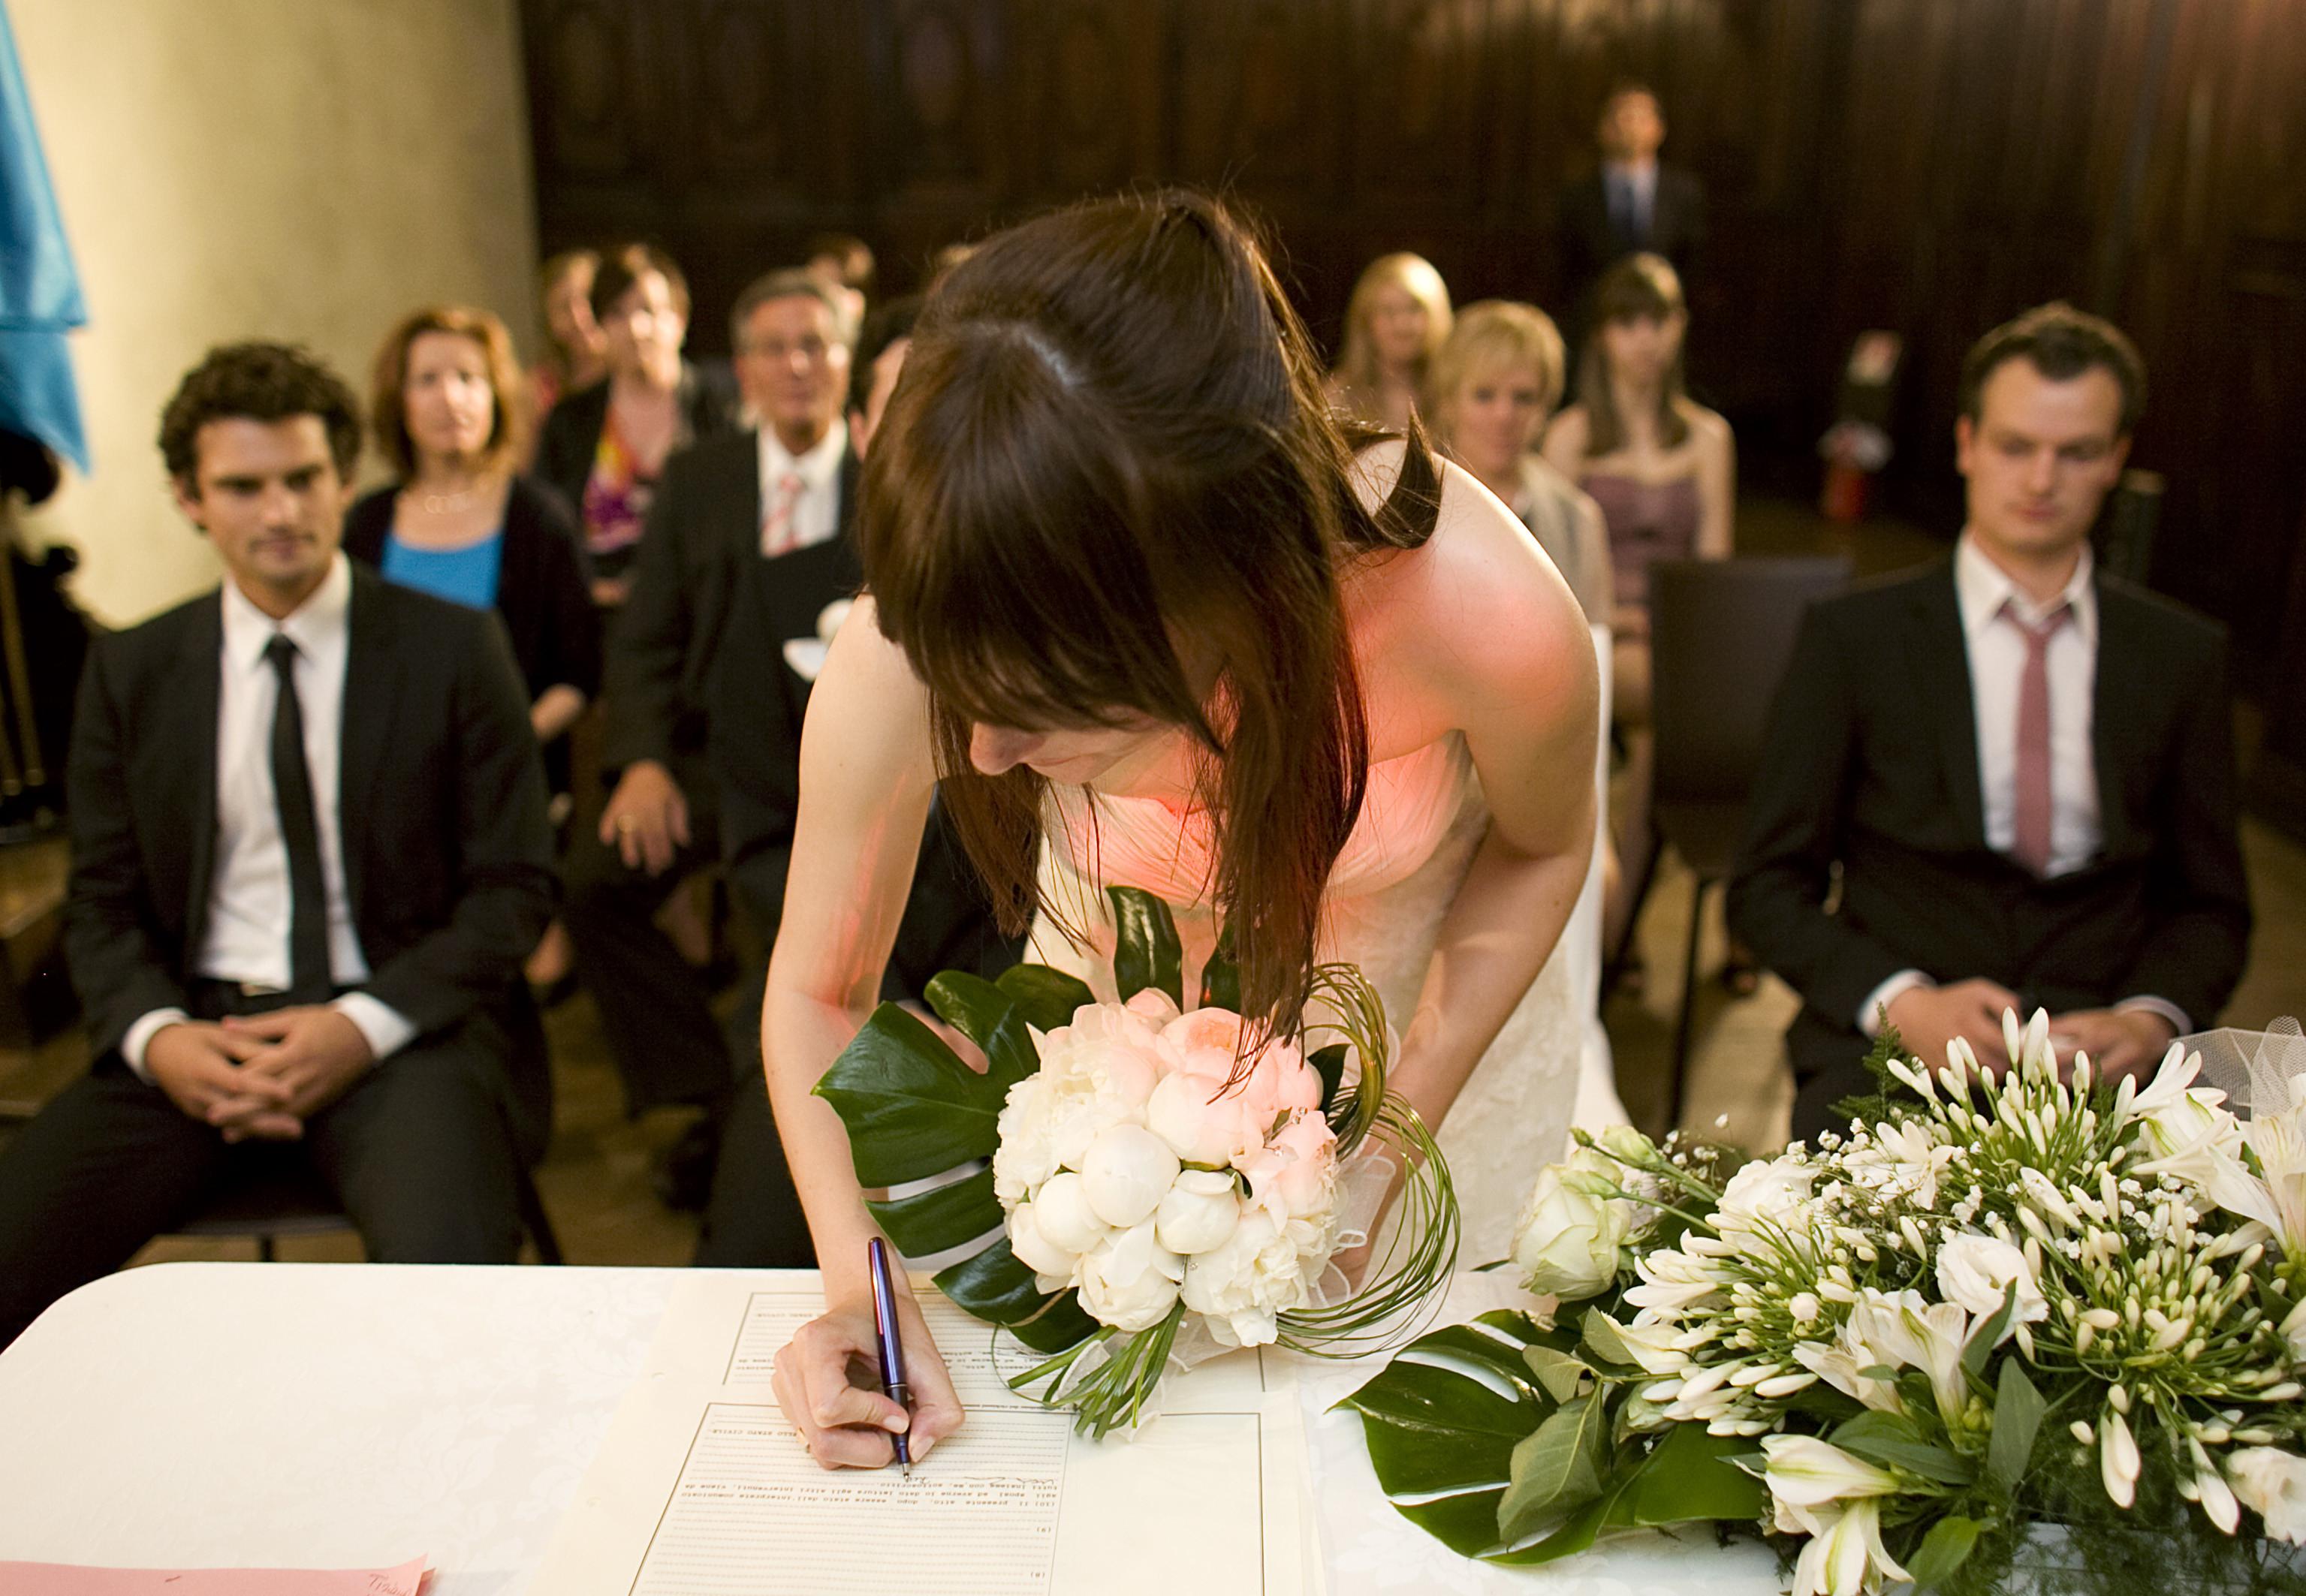 Standesamtliche Hochzeit  Standesamtliche Hochzeit in Norditalien